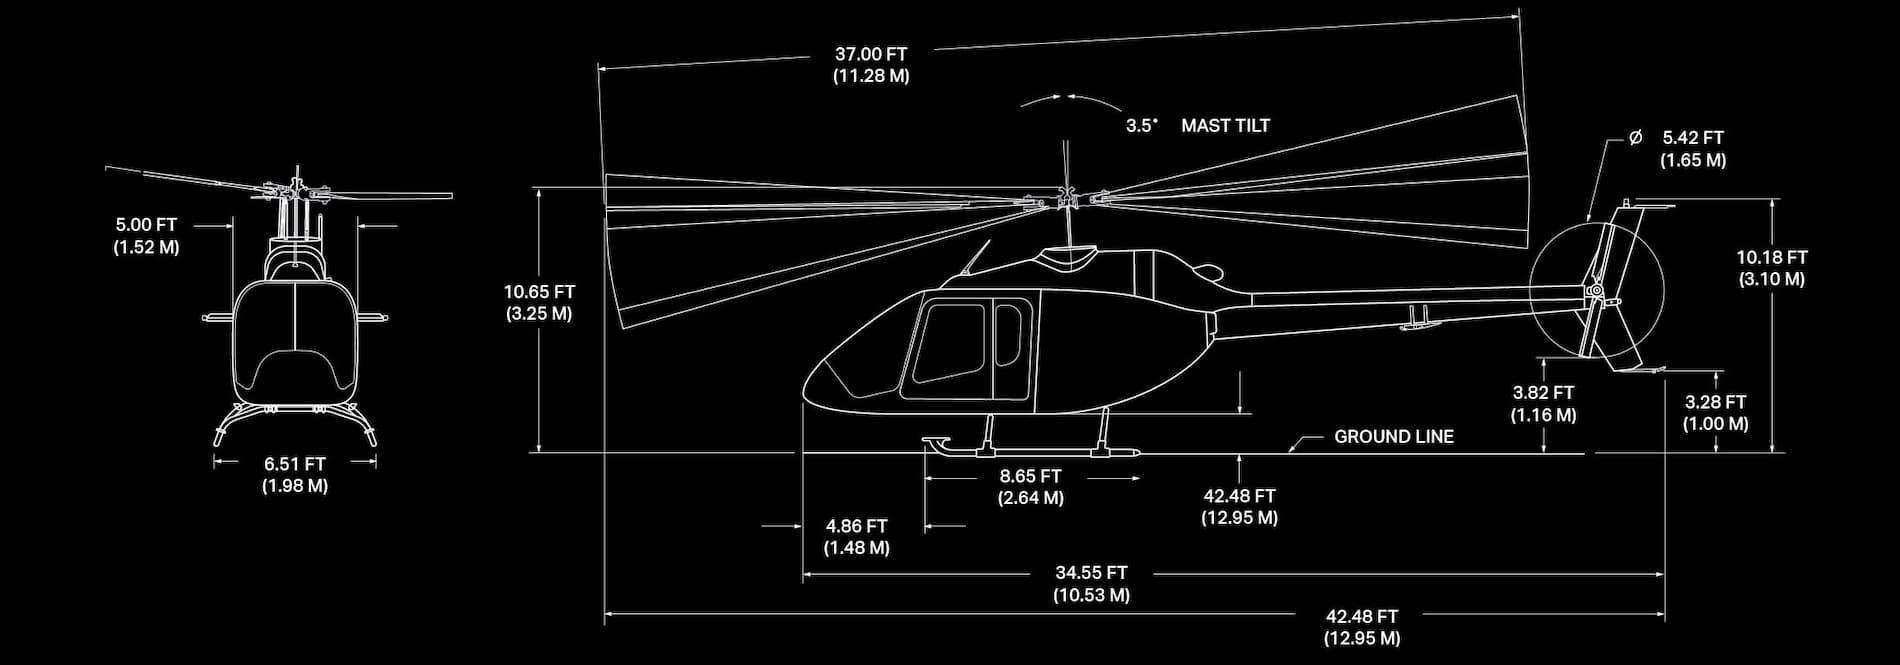 Imagen de especificaciones del Bell 505